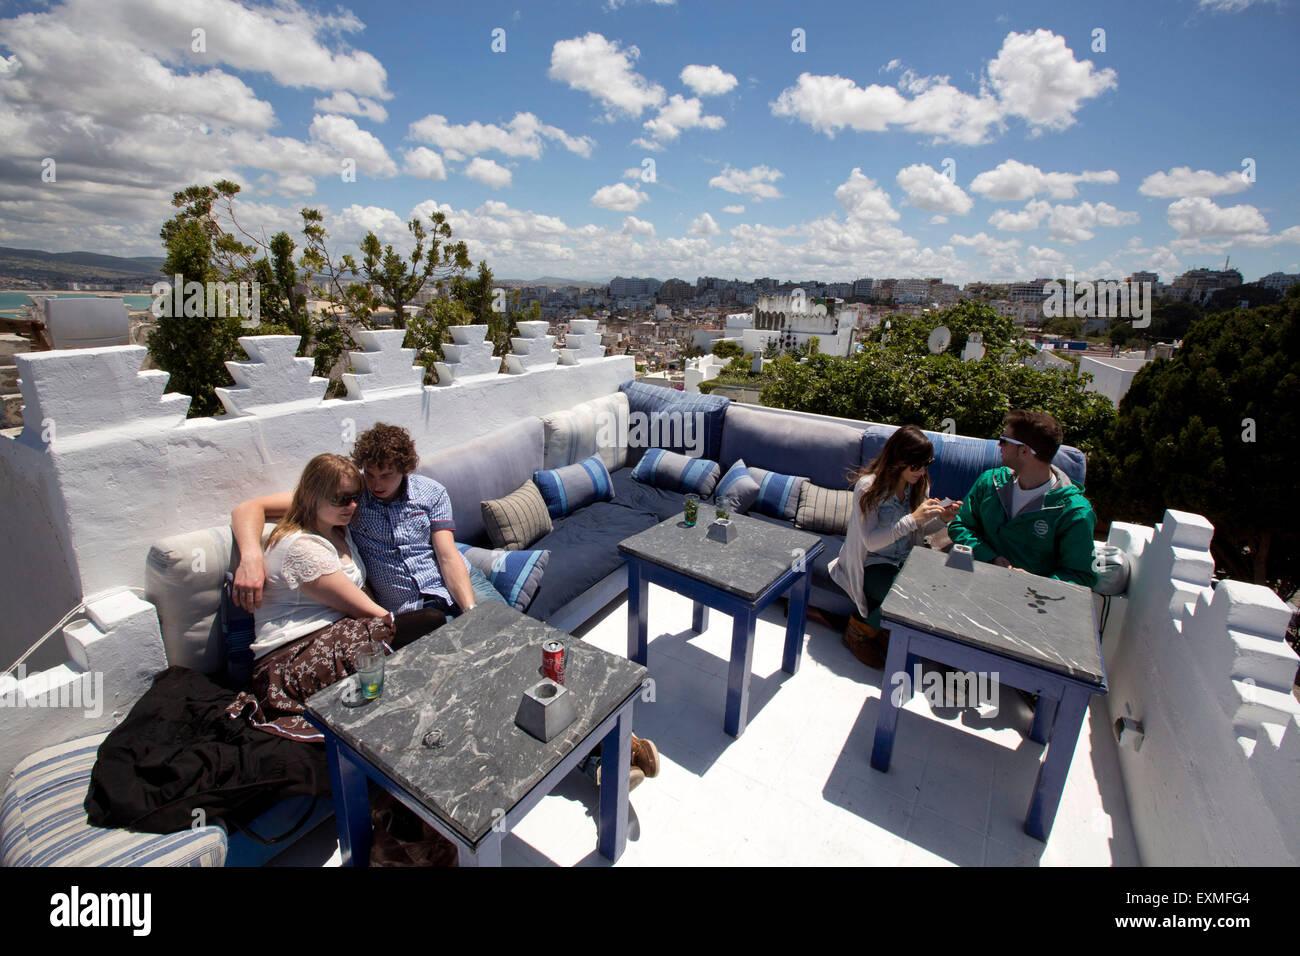 Cafe Le Salon Bleu Stock Photos & Cafe Le Salon Bleu Stock Images ...